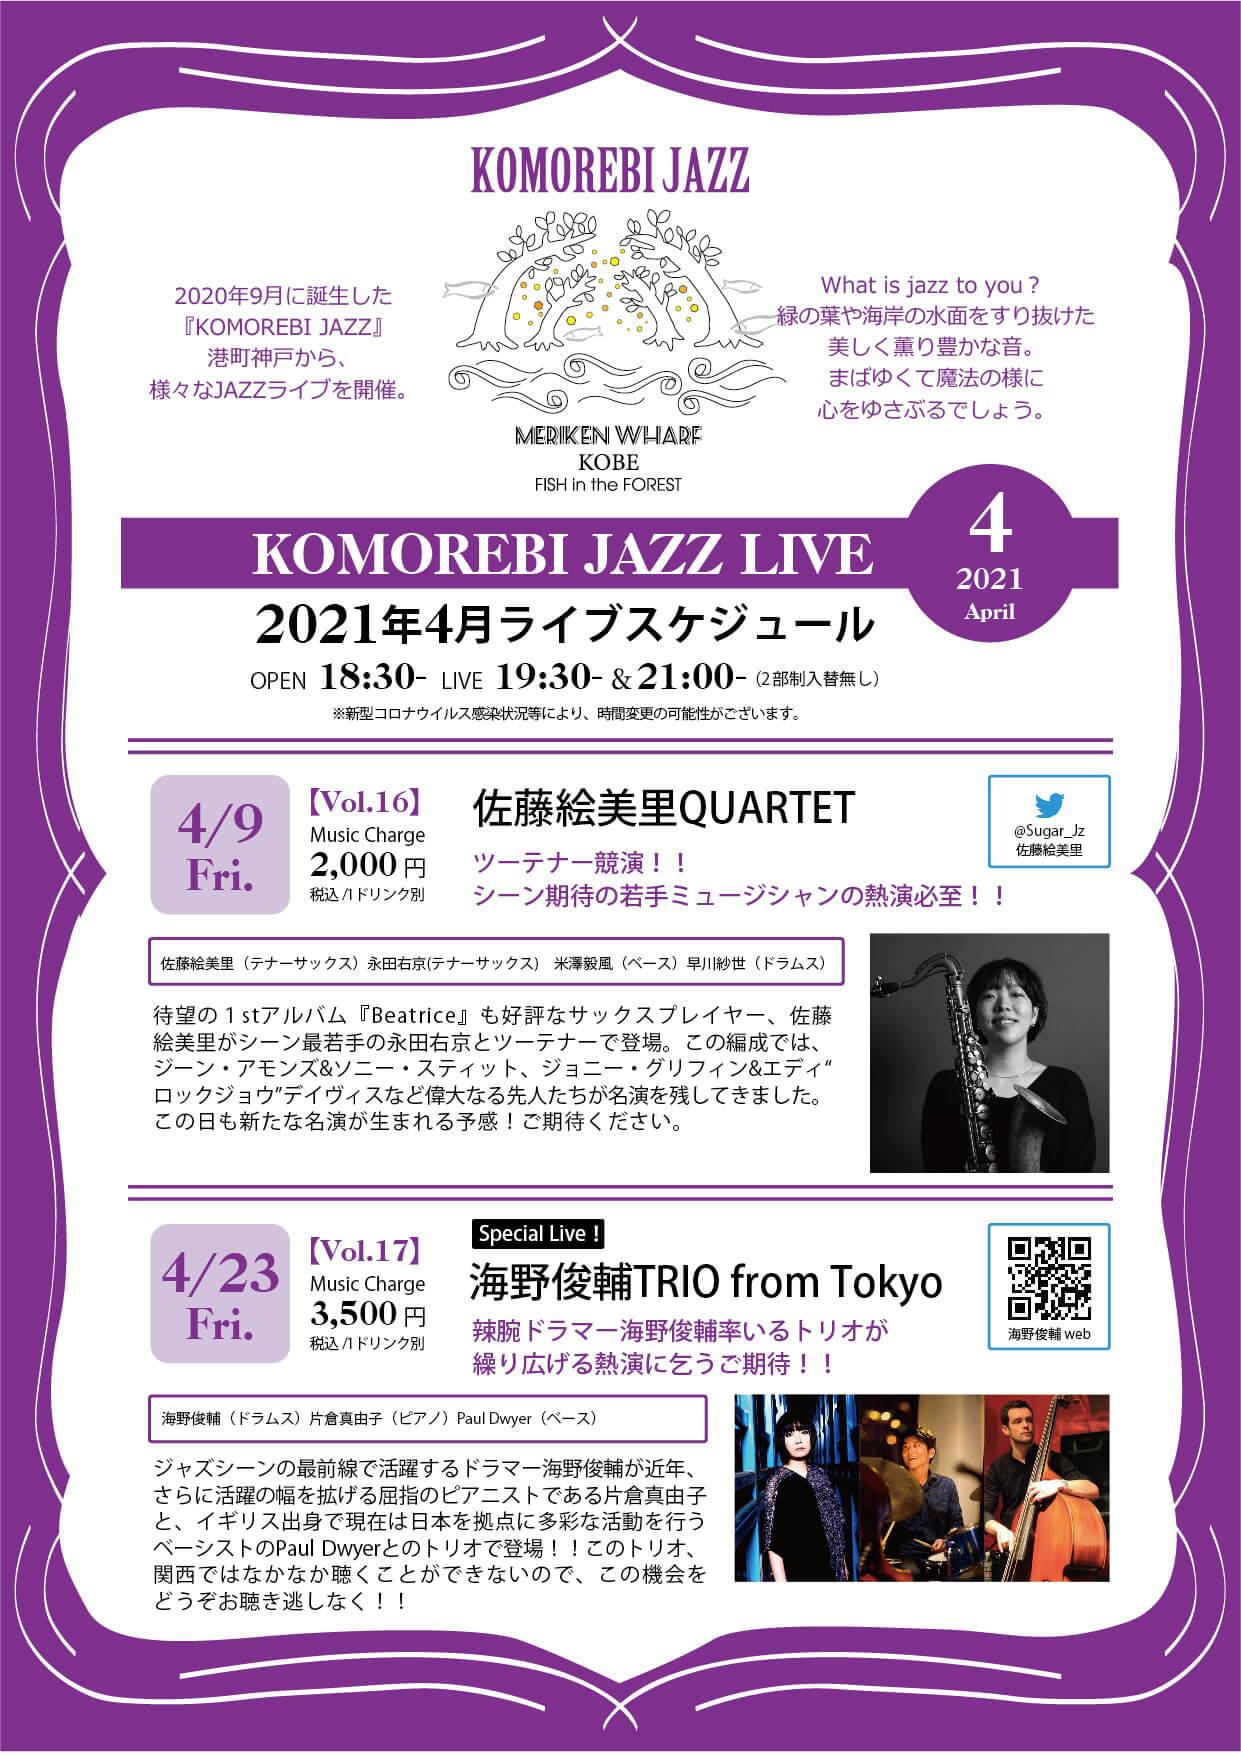 フィッシュインザフォレスト「KOMOREBI JAZZ LIVE 4月」